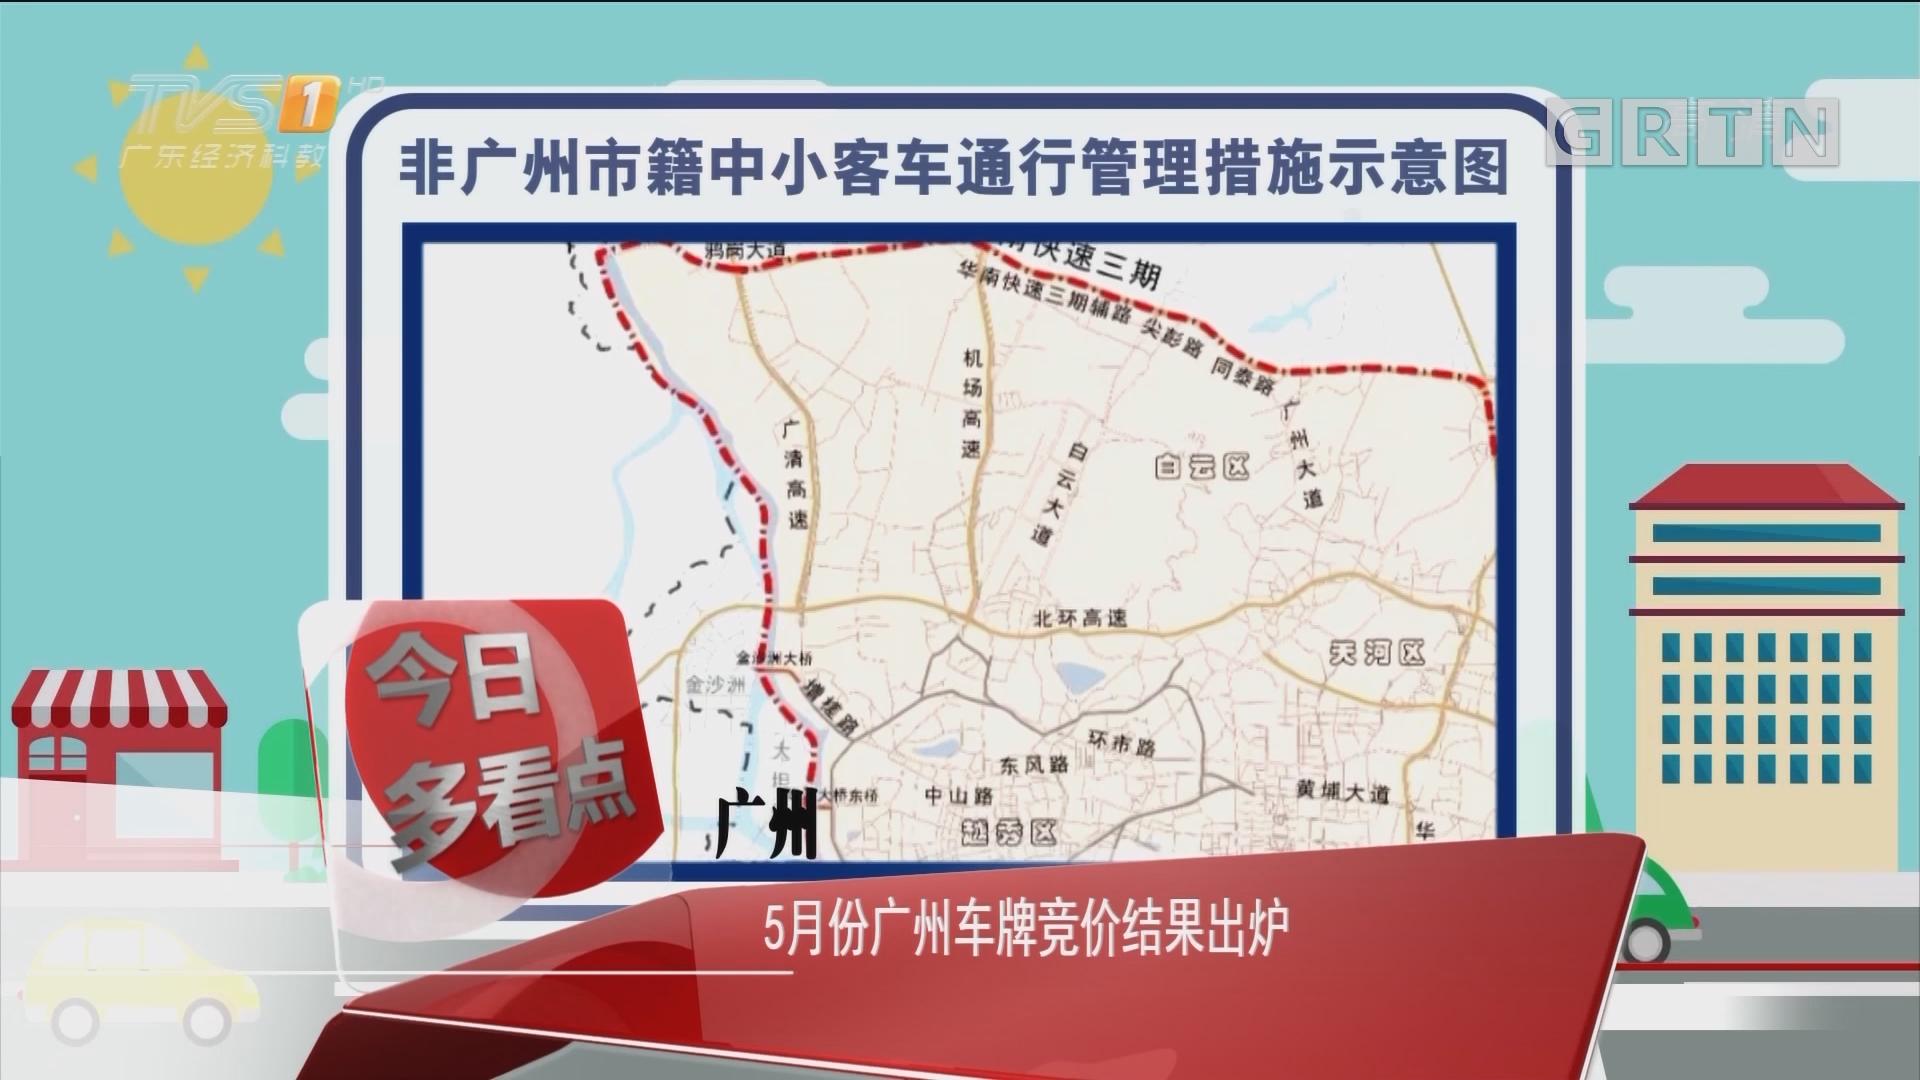 广州:5月份广州车牌竞价结果出炉